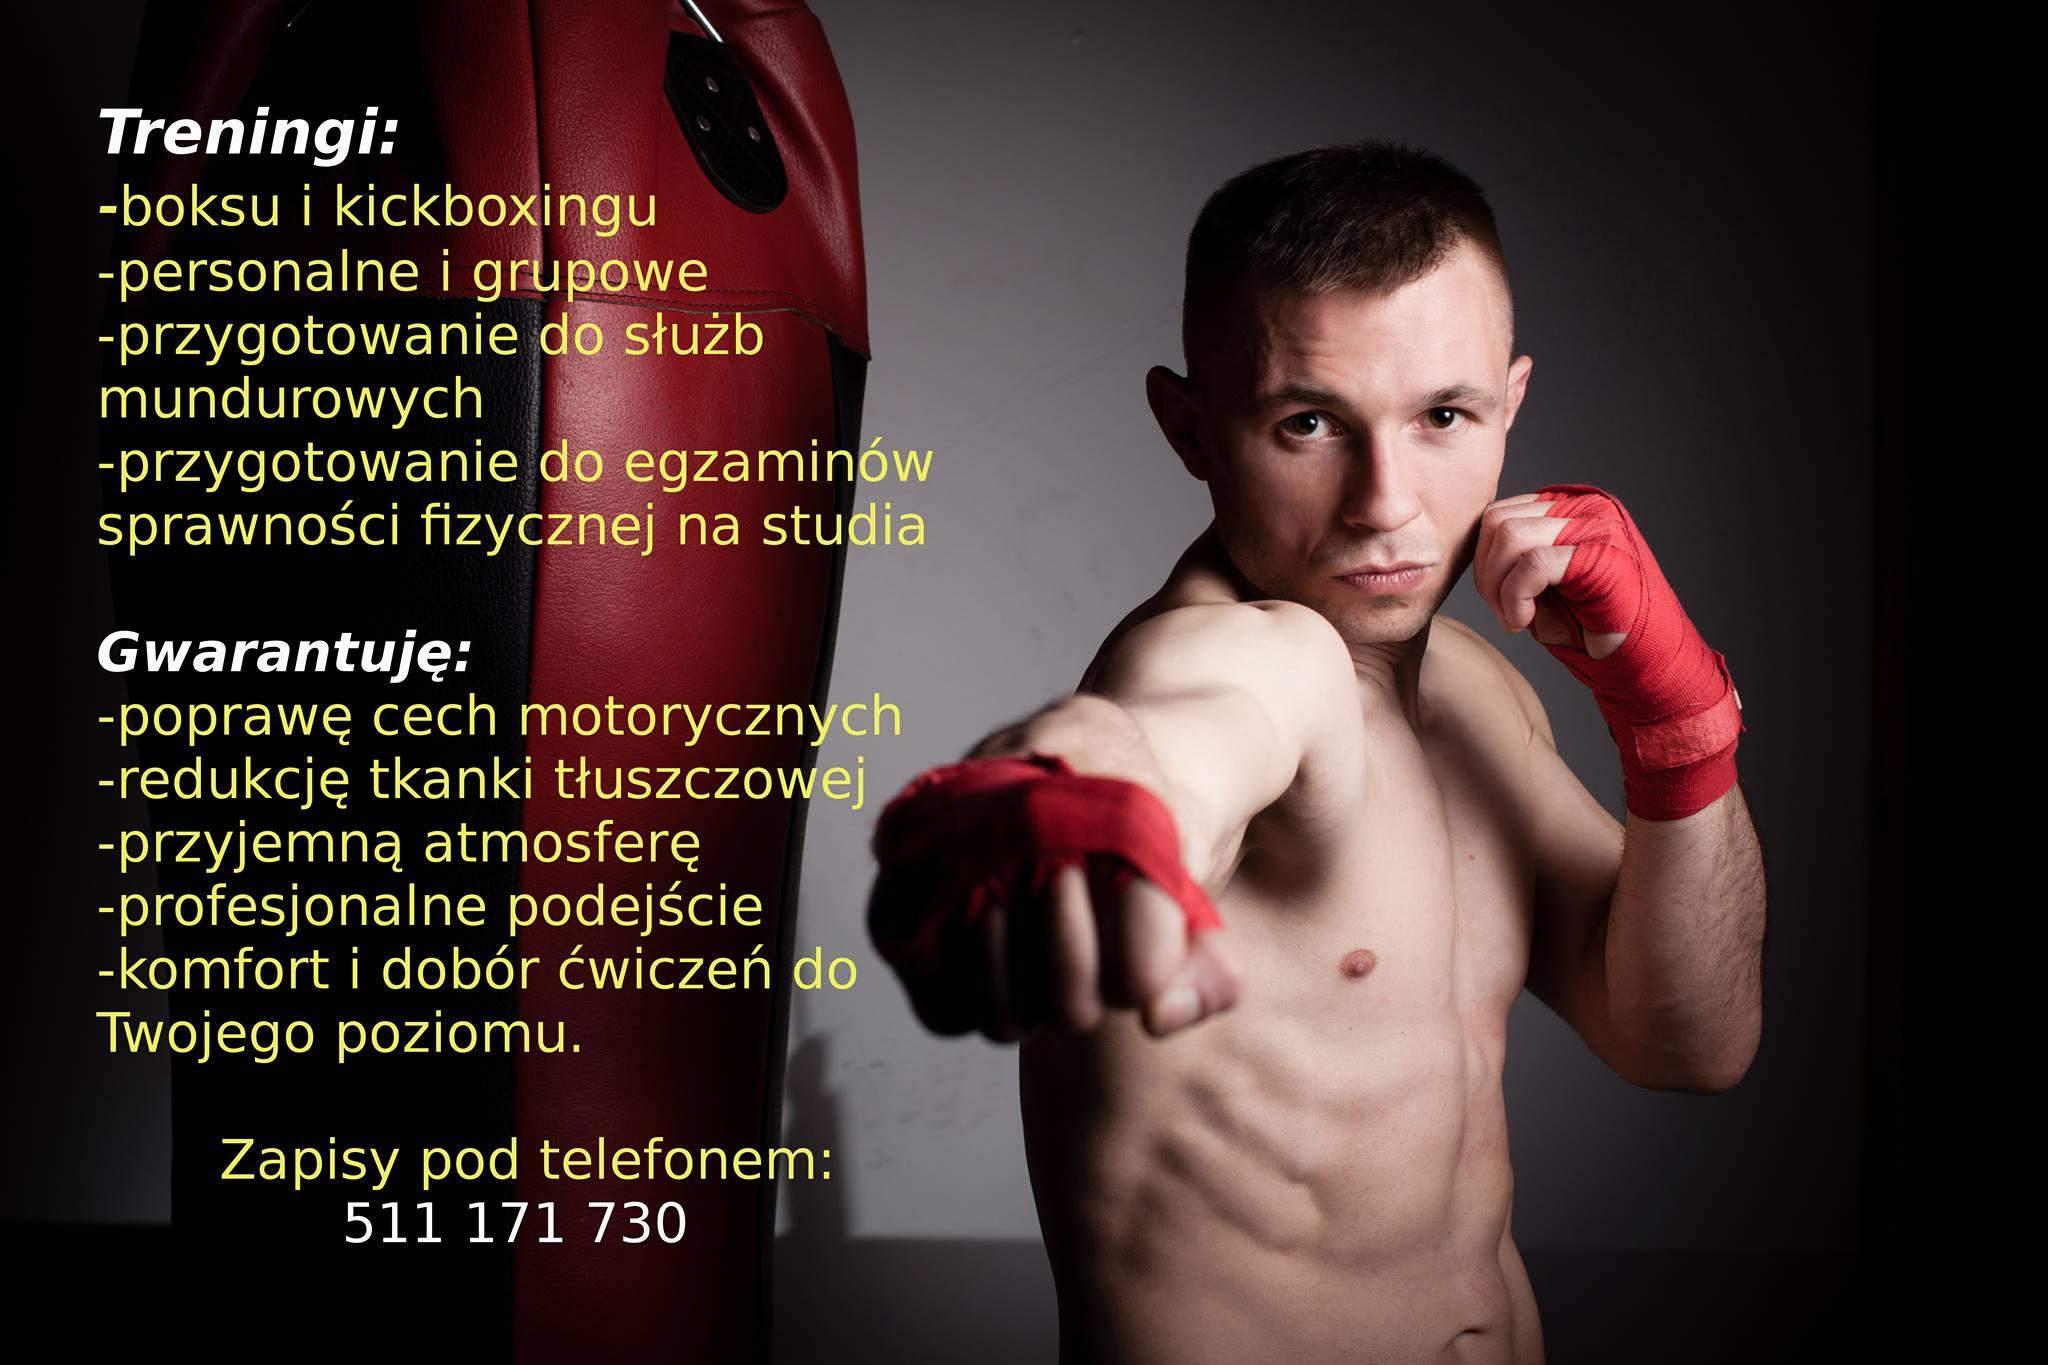 Piotr Trzesniewski